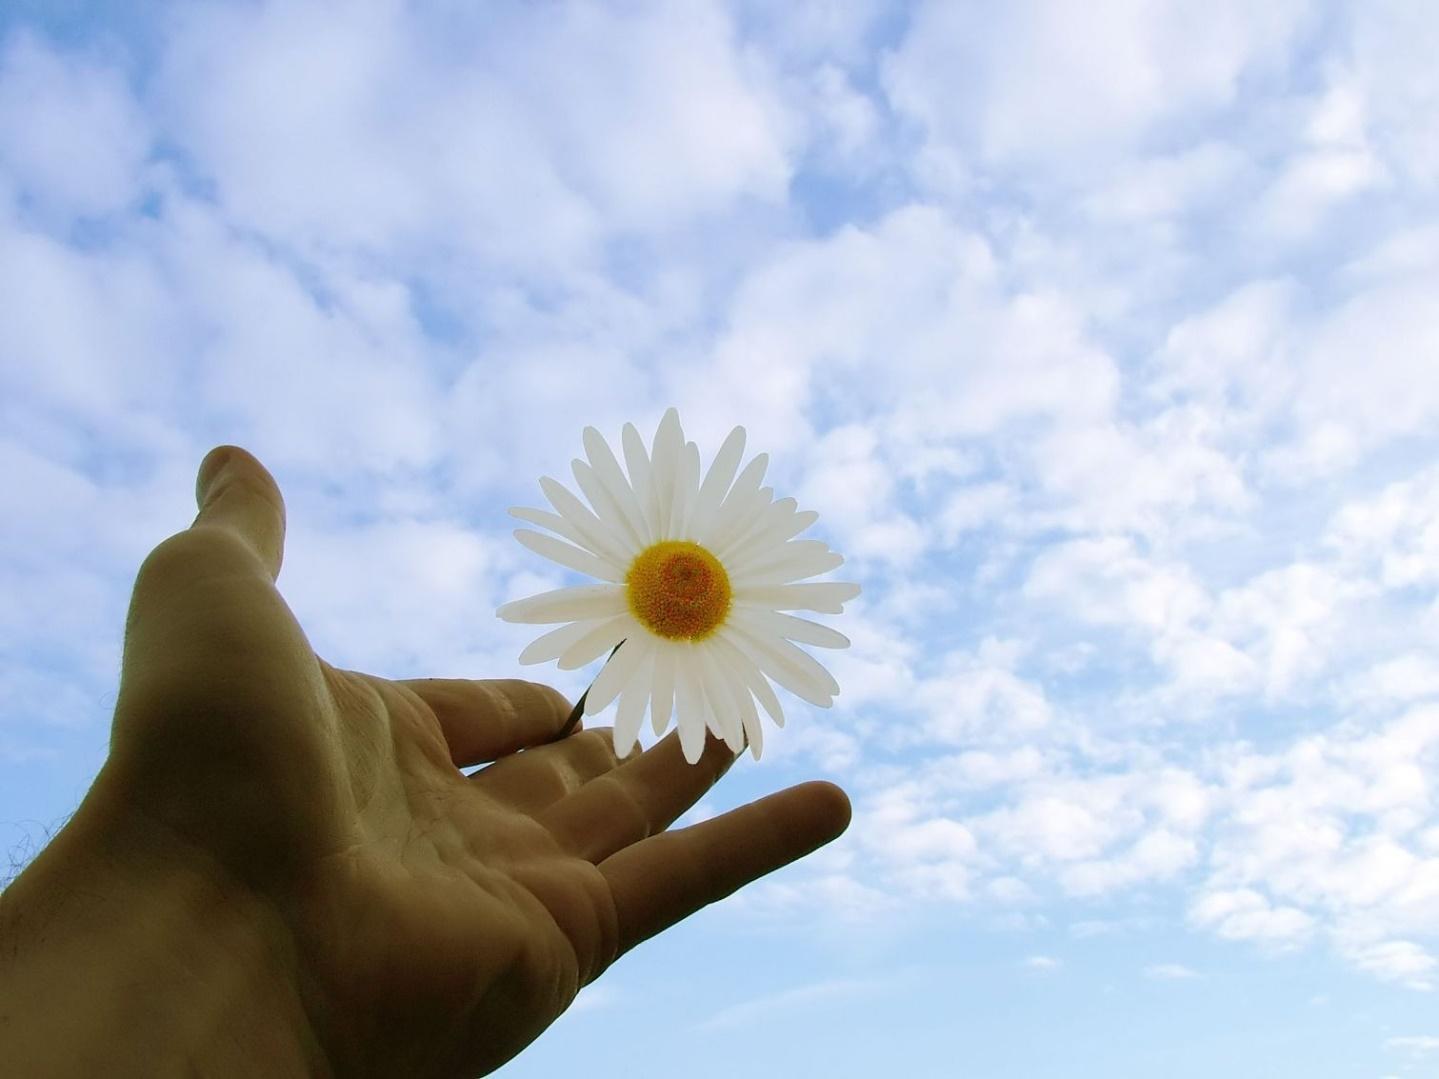 Mải mê tìm kiếm điều tốt nhất cho tương lai, có thể bạn đang bỏ lỡ những điều còn quan trọng hơn của hiện tại - Ảnh 4.